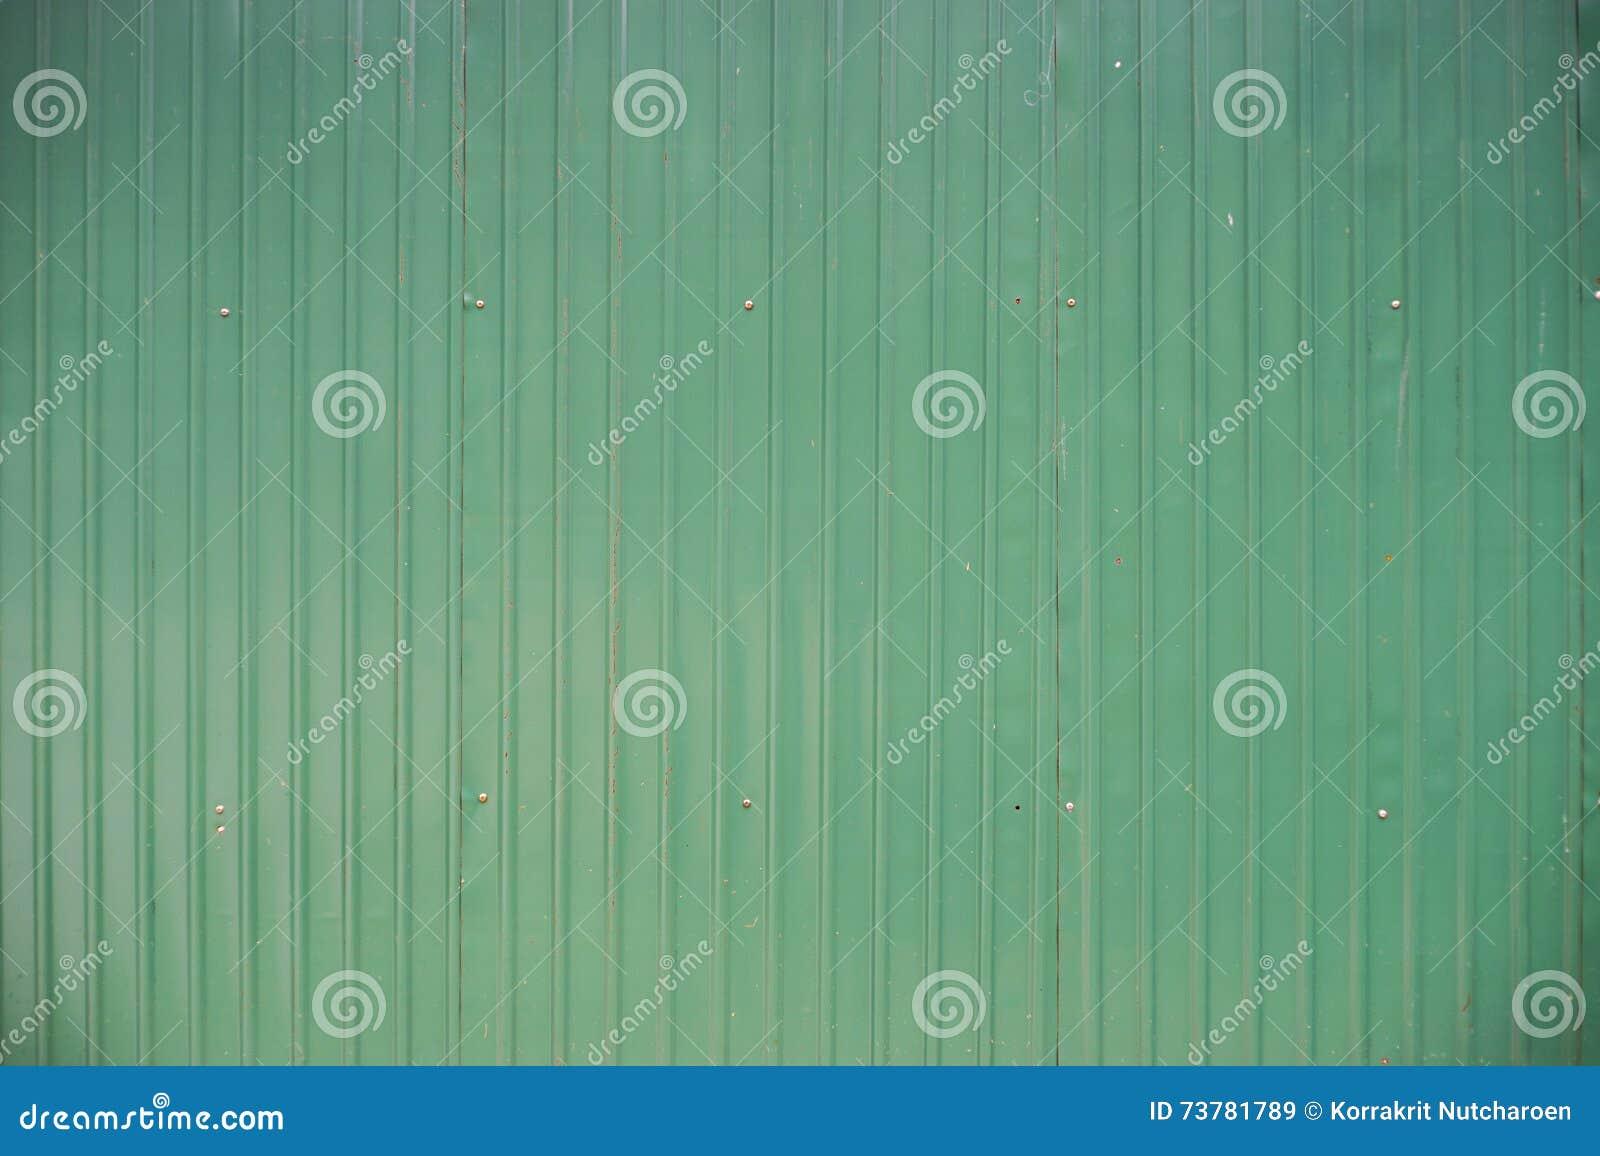 Feuille De Zinc Pour Cuisine texture verte de fond de mur de feuille de zinc en métal